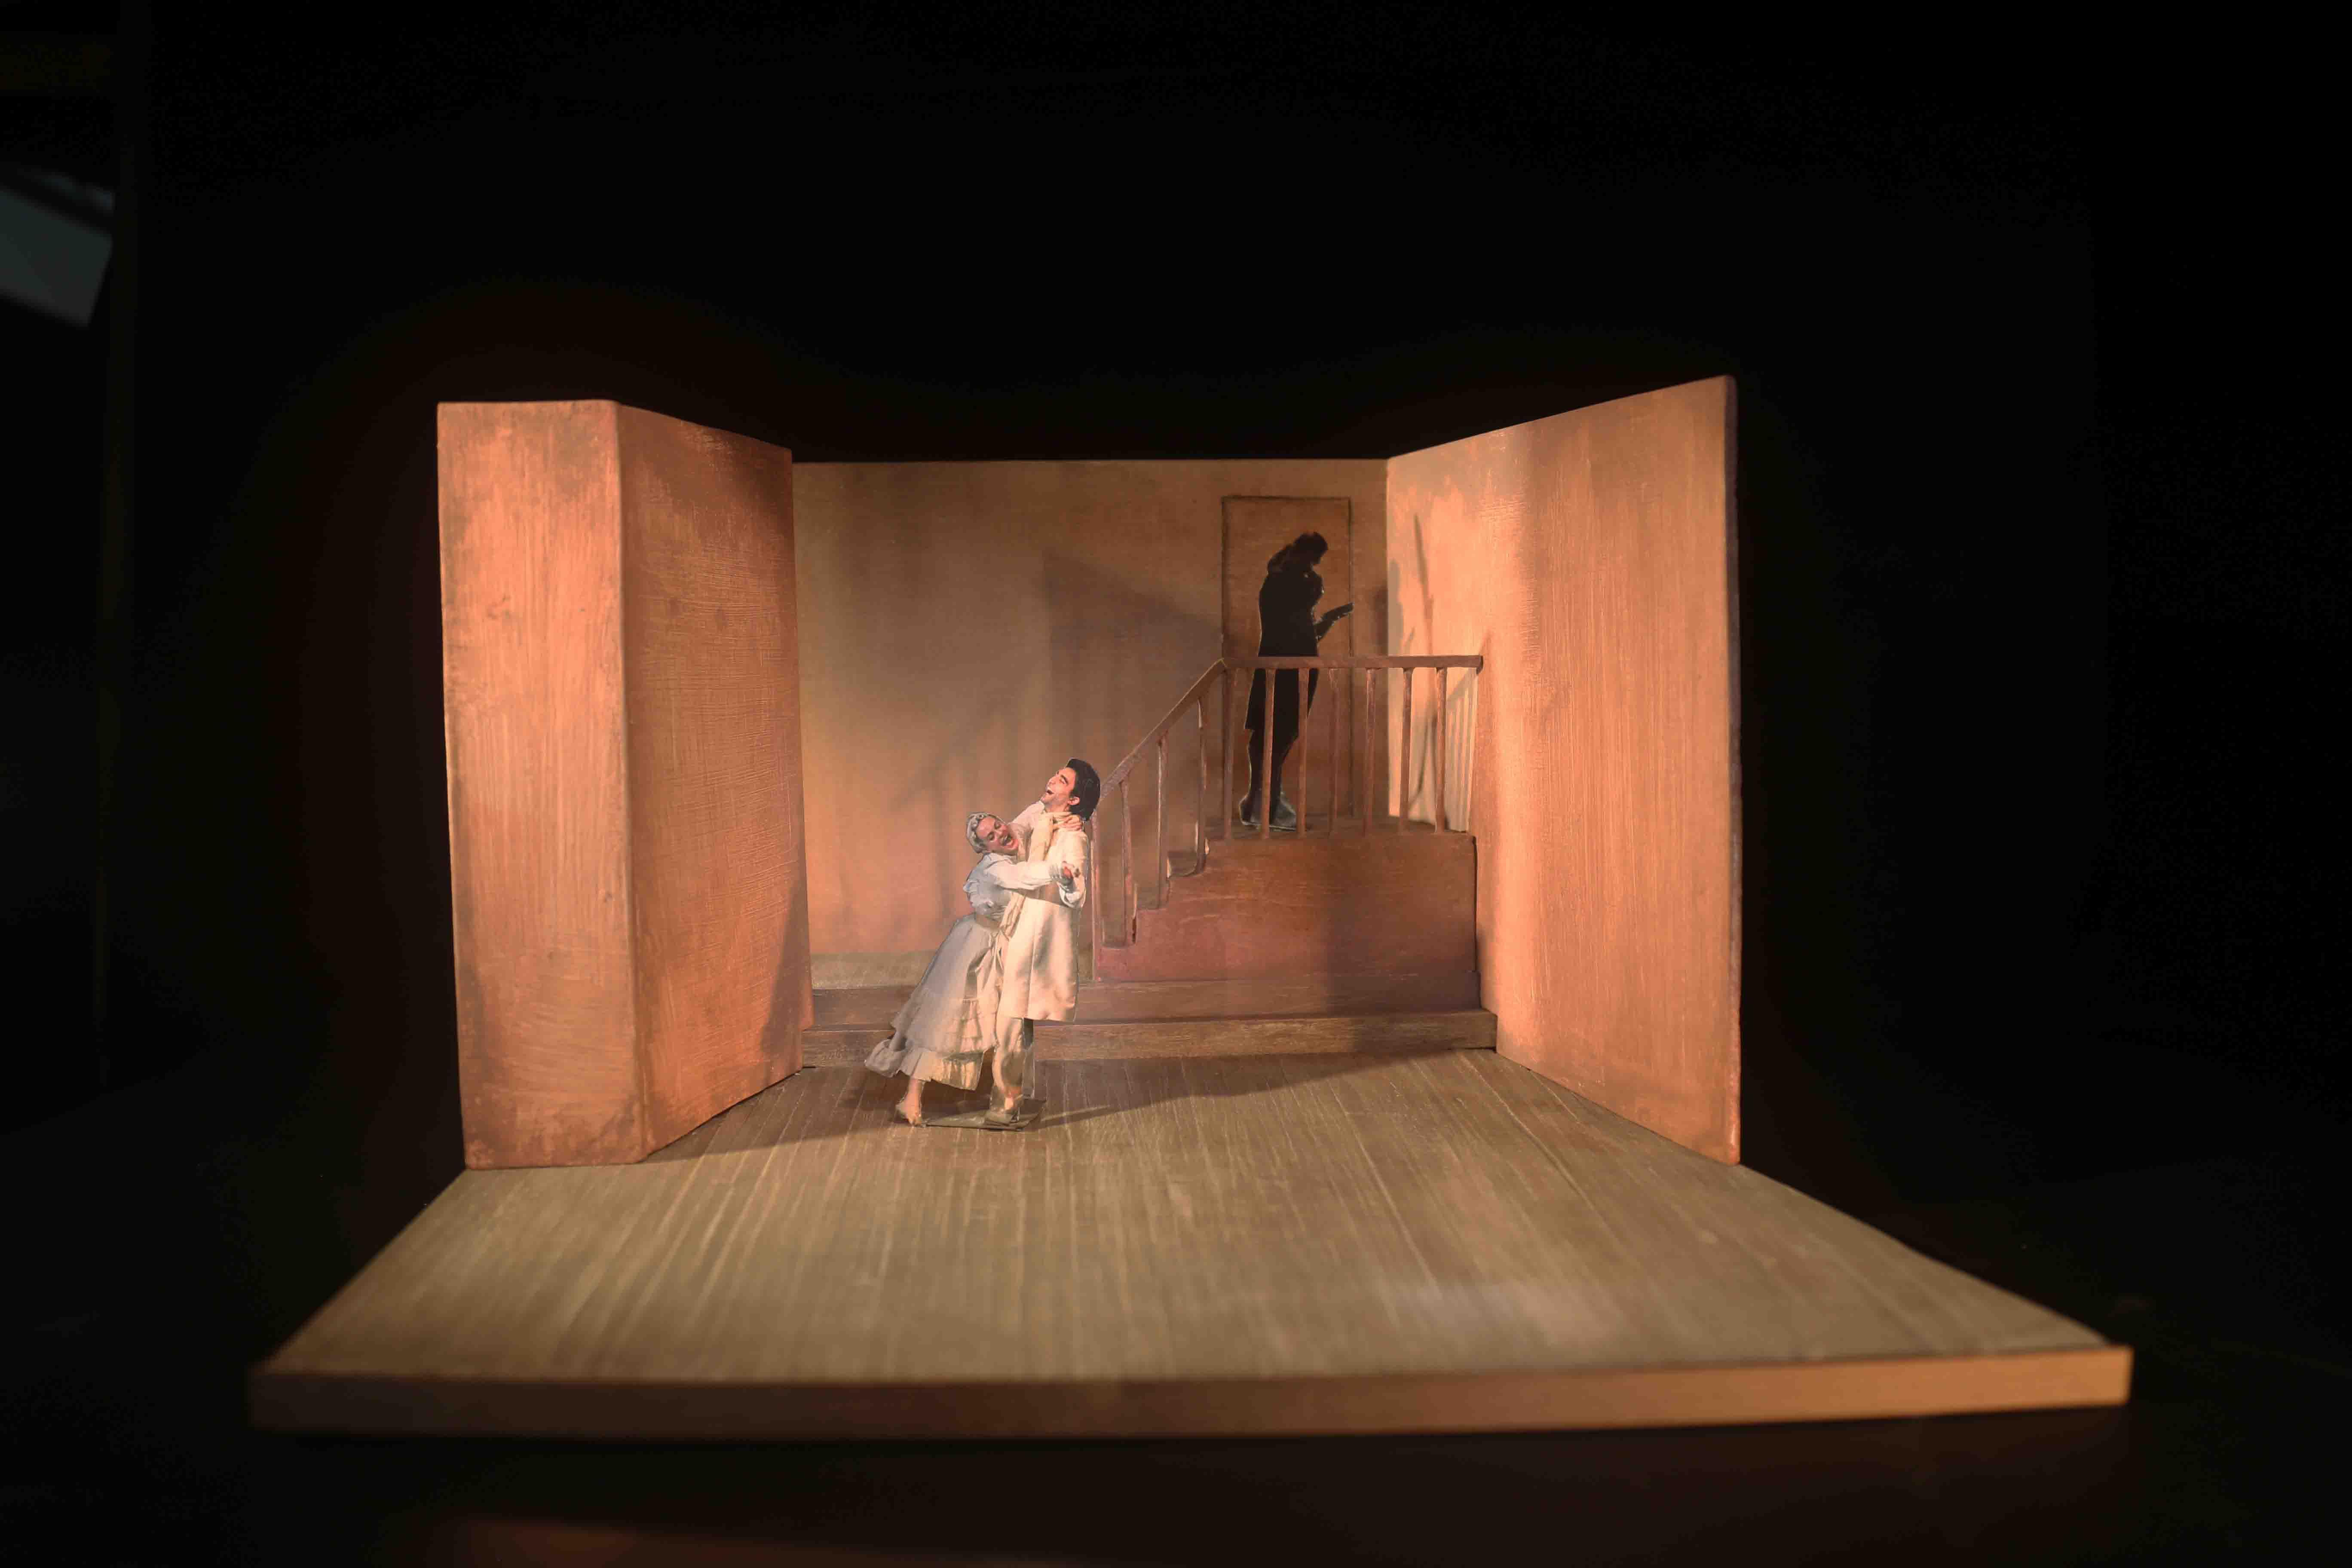 2018 La Locandiera - Modellino di scena 2